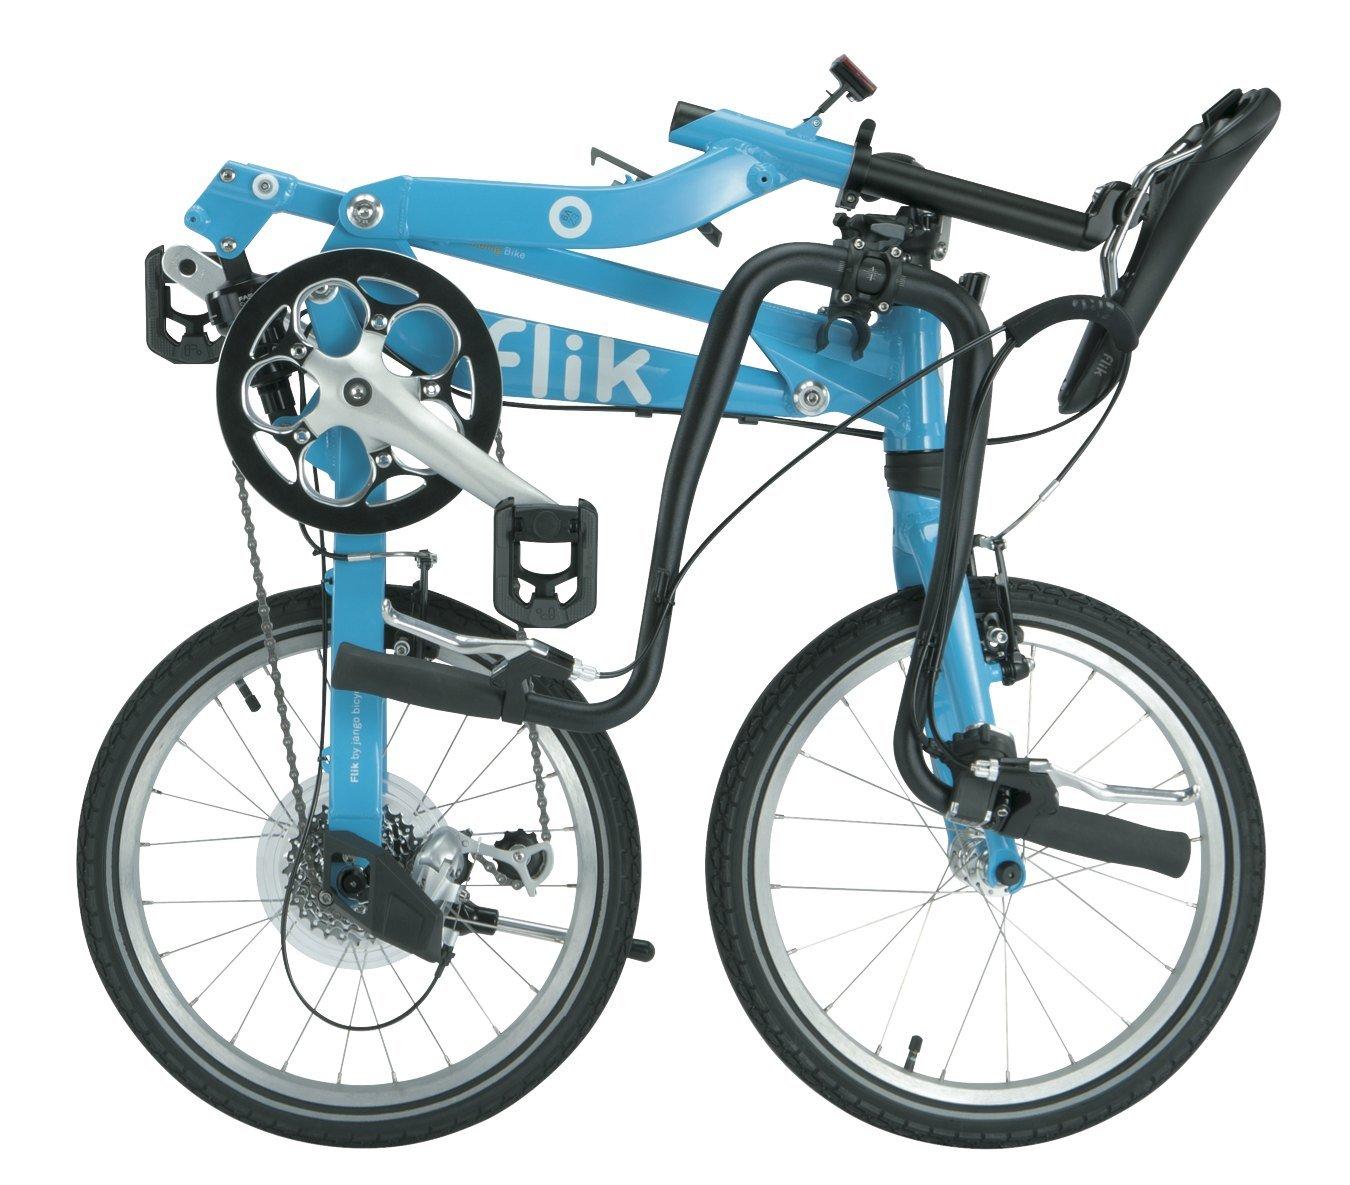 Bicicleta Plegable Jango Flik de TOPEAK (azul turquesa) EZV9 18 Shimano Sora 11Kg 9 Velocidades Suspensión Trasera: Amazon.es: Deportes y aire libre